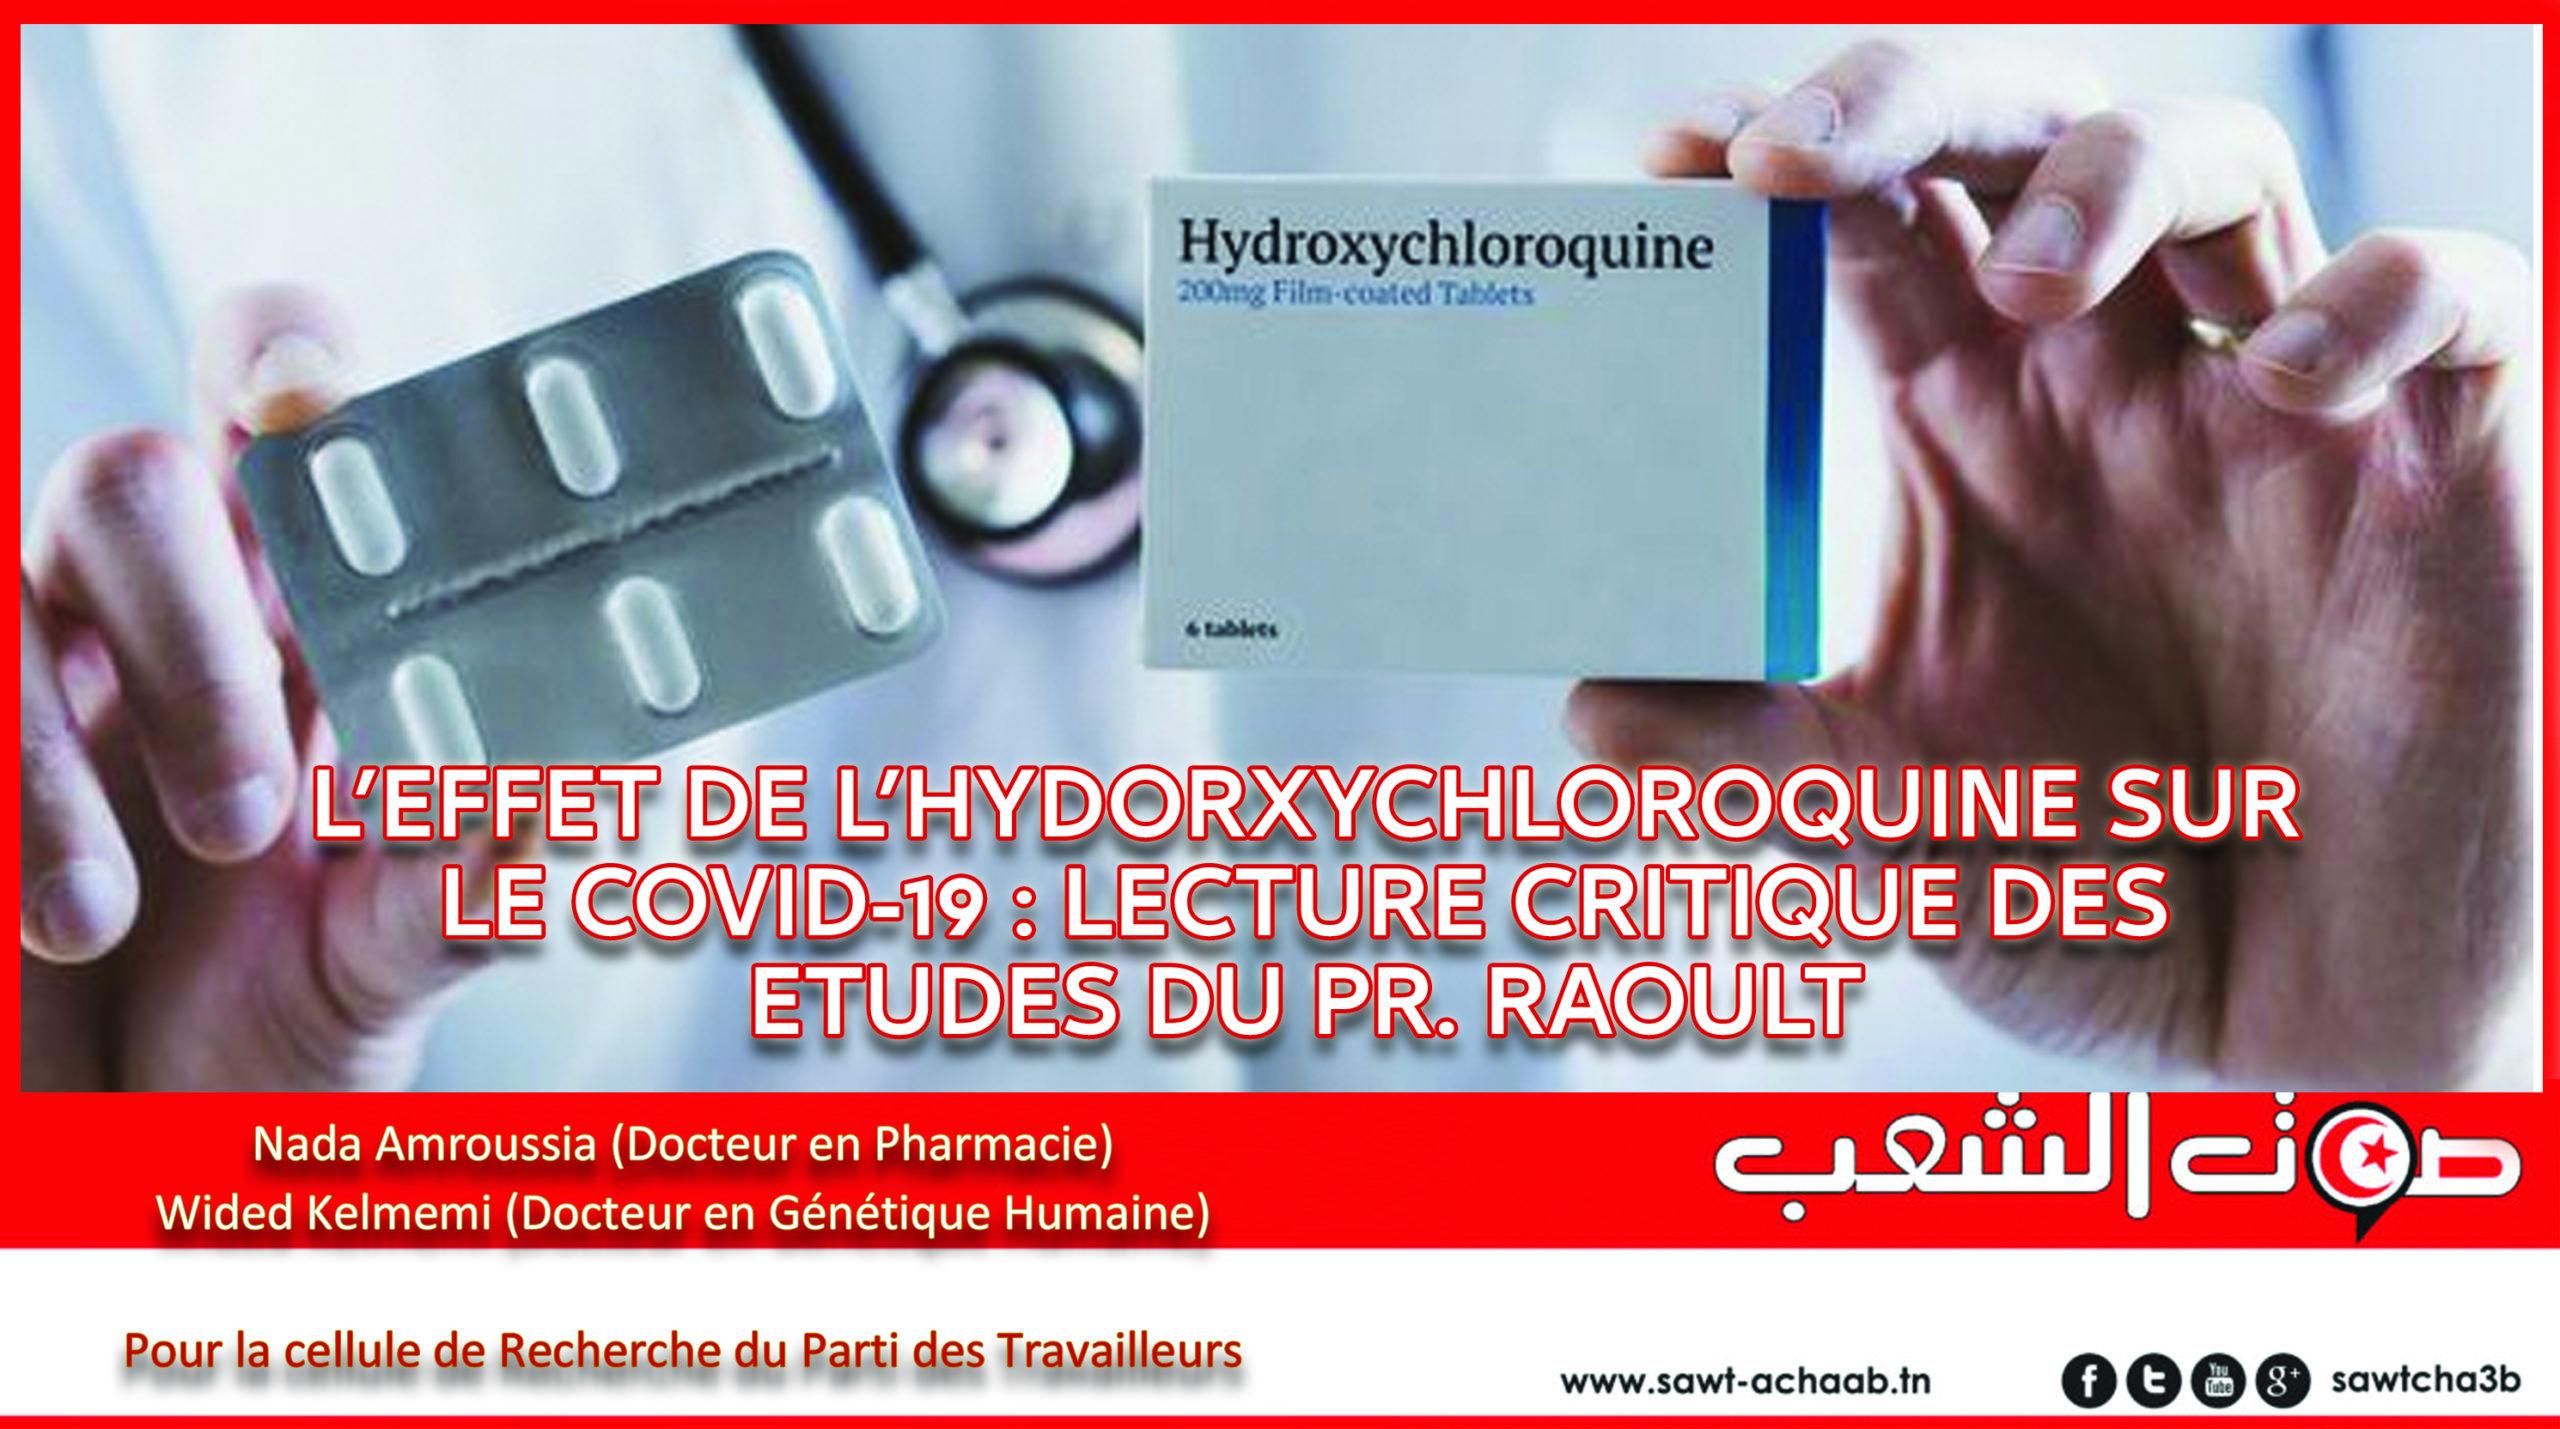 L'EFFET DE L'HYDORXYCHLOROQUINESUR LE COVID-19 : LECTURE CRITIQUE DES ETUDES DU PR. RAOULT